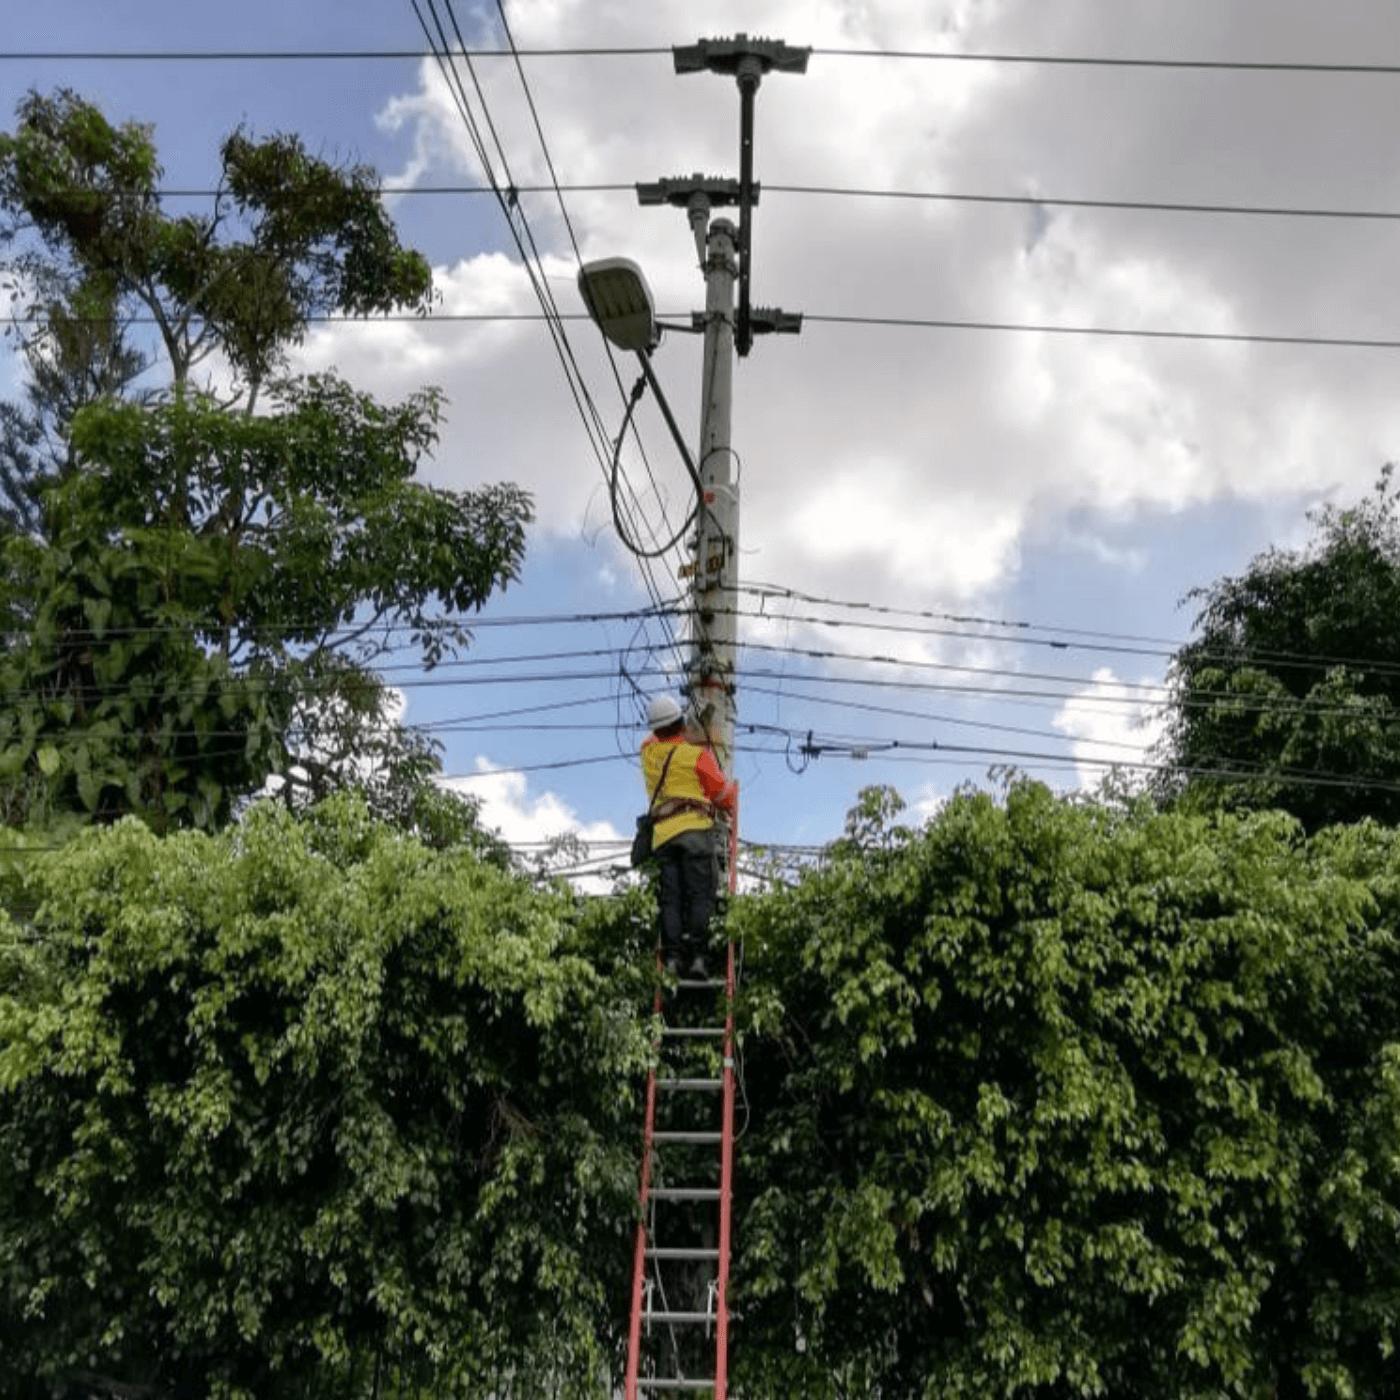 El Tendido Eléctrico Y Alumbrado Público En Santa Tecla. Alumbrado. Fotografía. Roberto d'Aubuisson. 2021